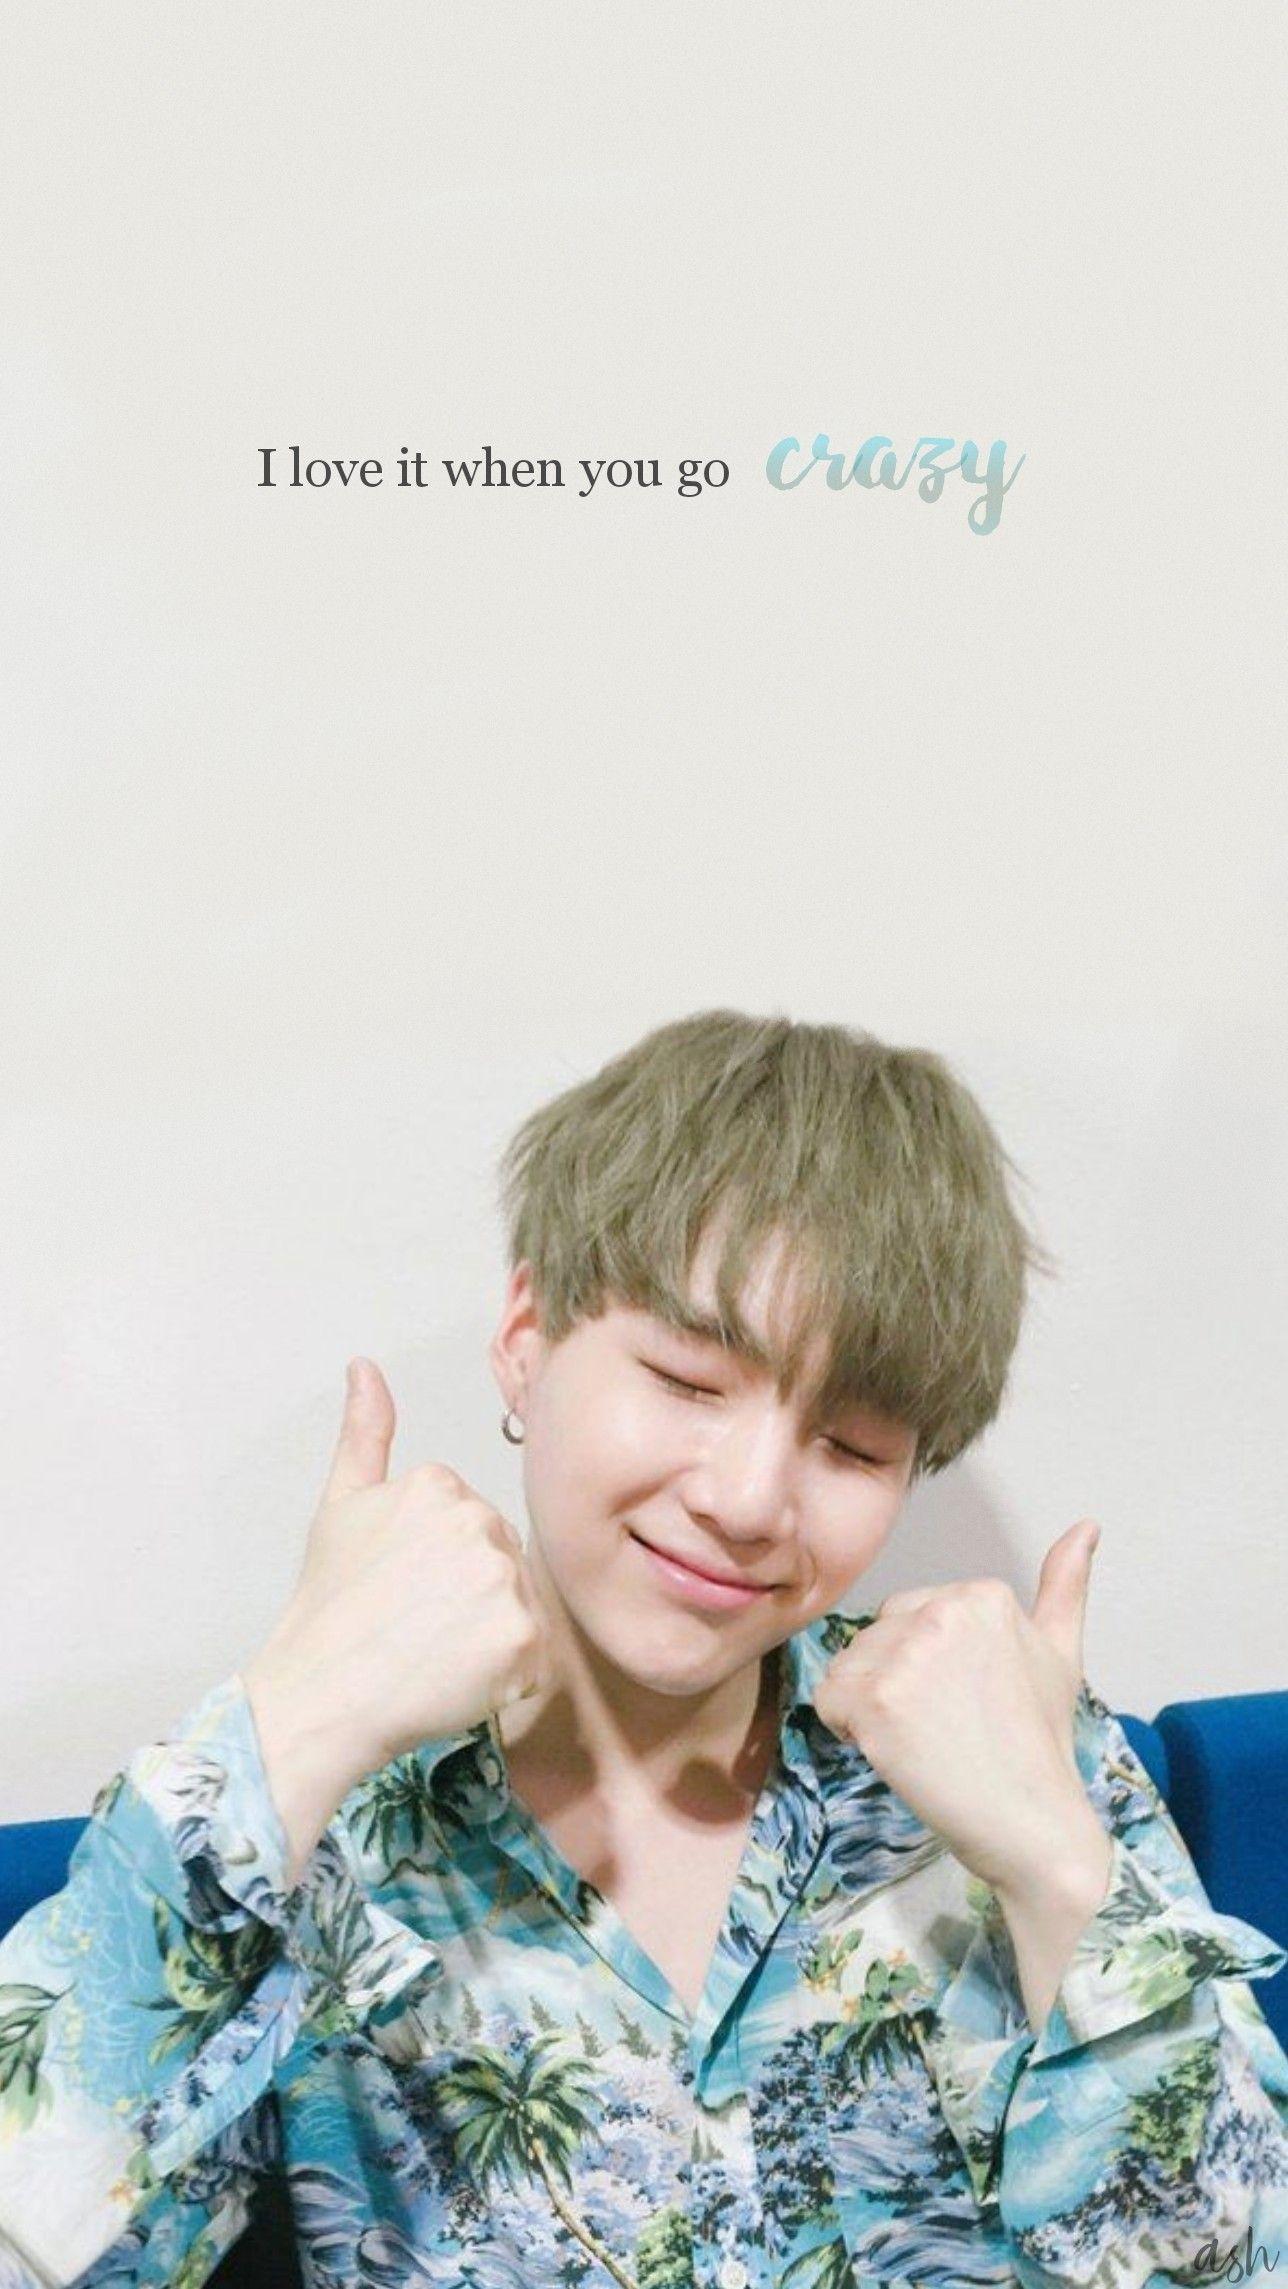 Yoongi Wallpaper Omg He Looks So Cute Here Bts Wallpapers In